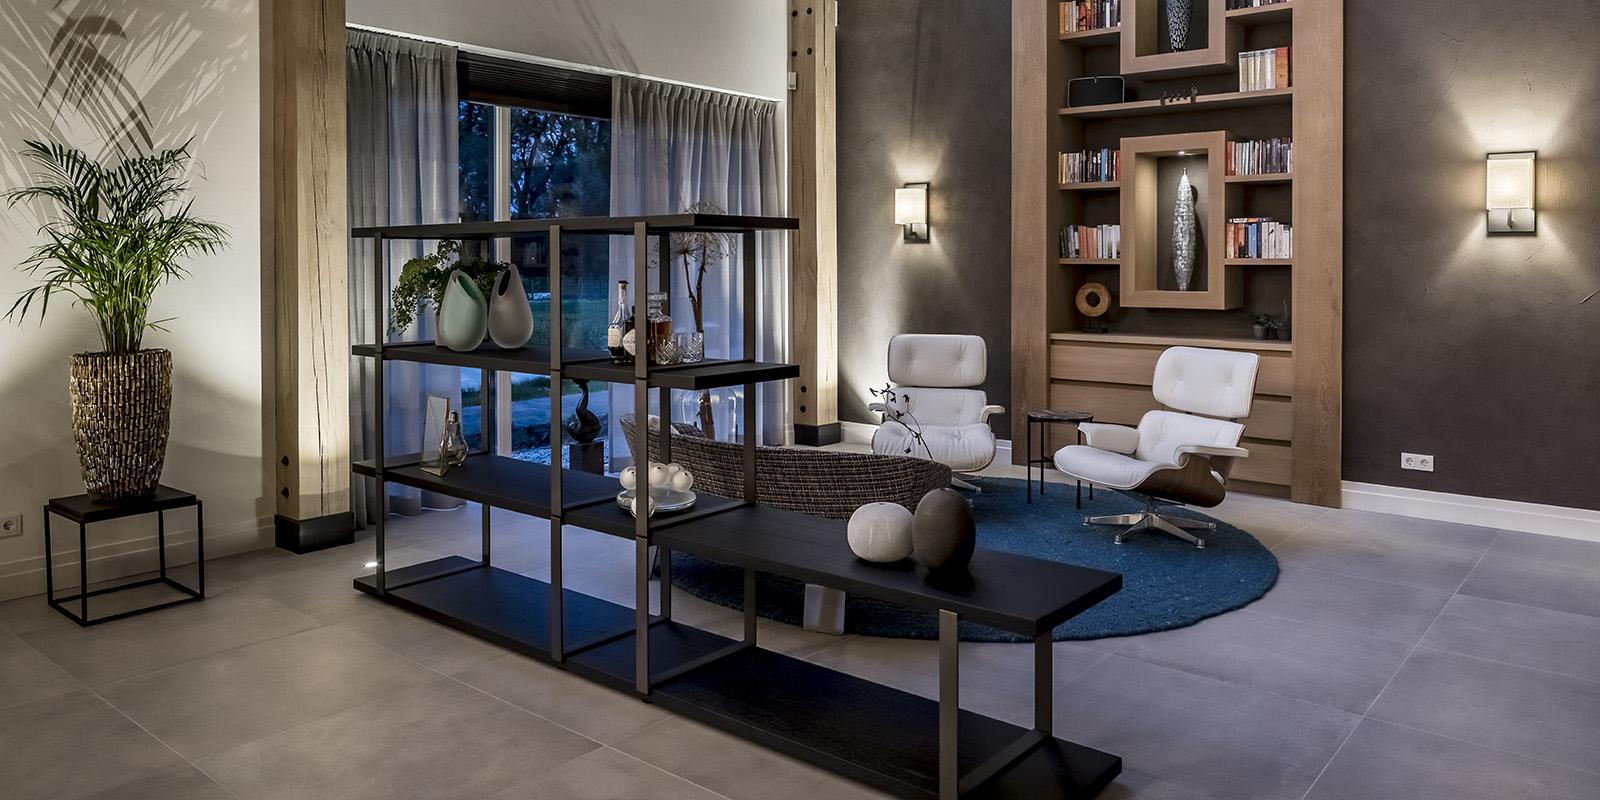 Kantoor inspiratie,, Kabaz Architecten, Kantoor Amsterdam, Amsterdam, Kantoor inrichting, Design, Architectuur, Interieur, Equinix, Lounge, Kantine, Design meubels